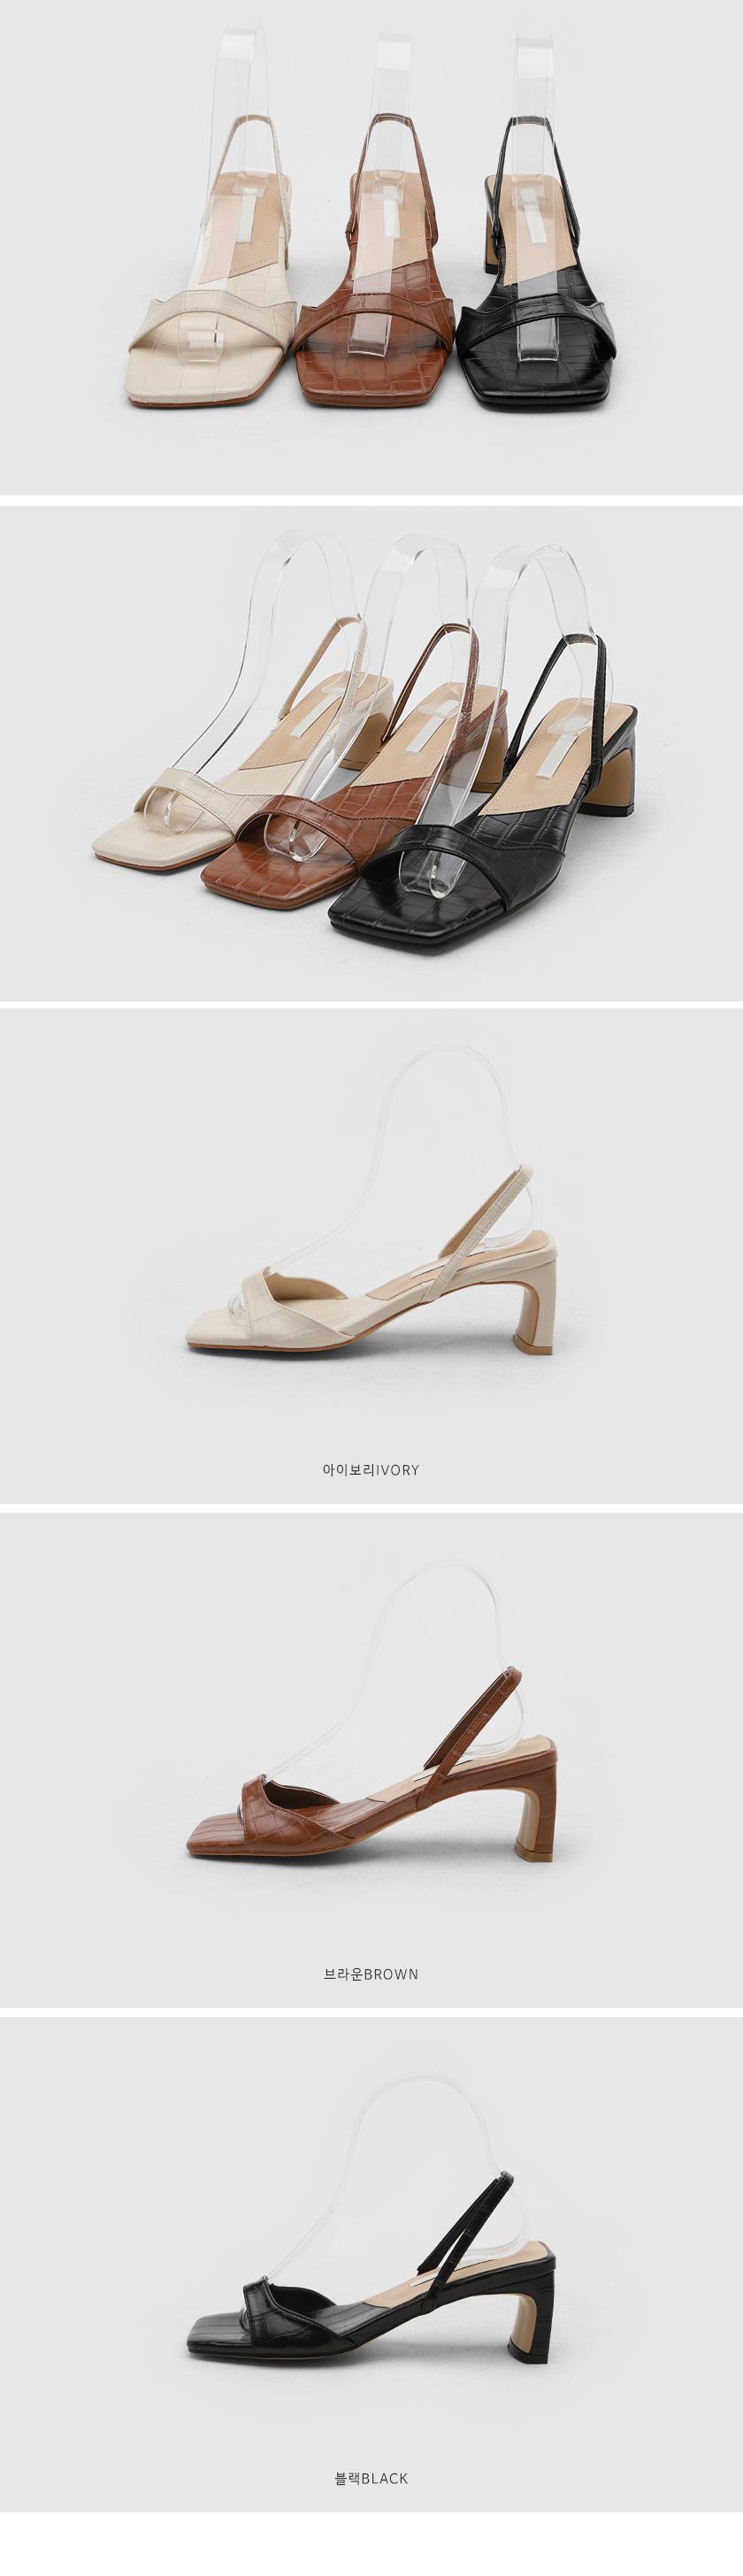 nant strap sandal heels